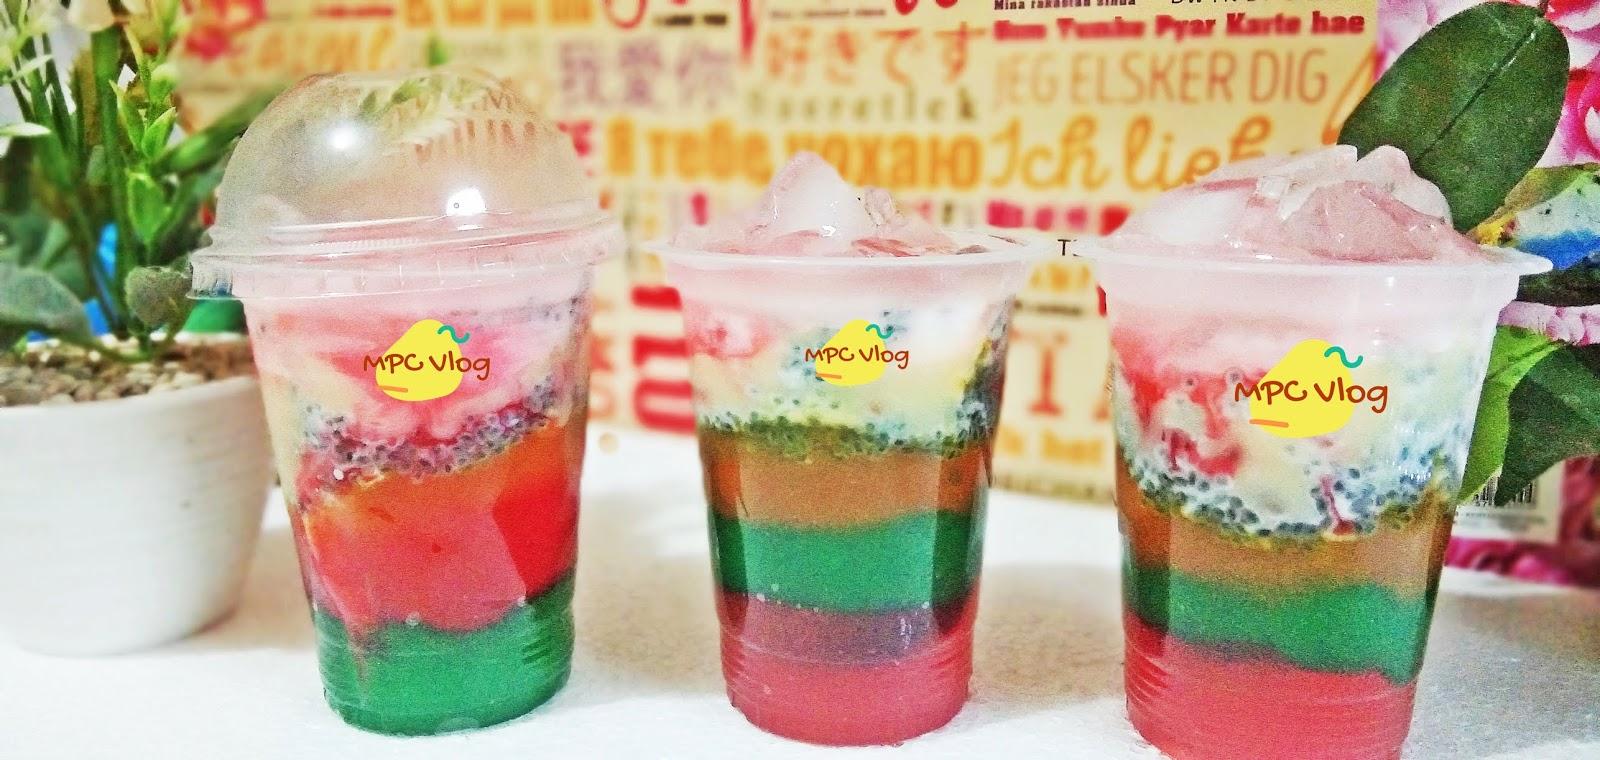 Es Air Mata Mantan Kreasi Minuman Yang Pas Untuk Buka Puasa Atau Ide Jualan Takjil Saat Bulan Ramadhan